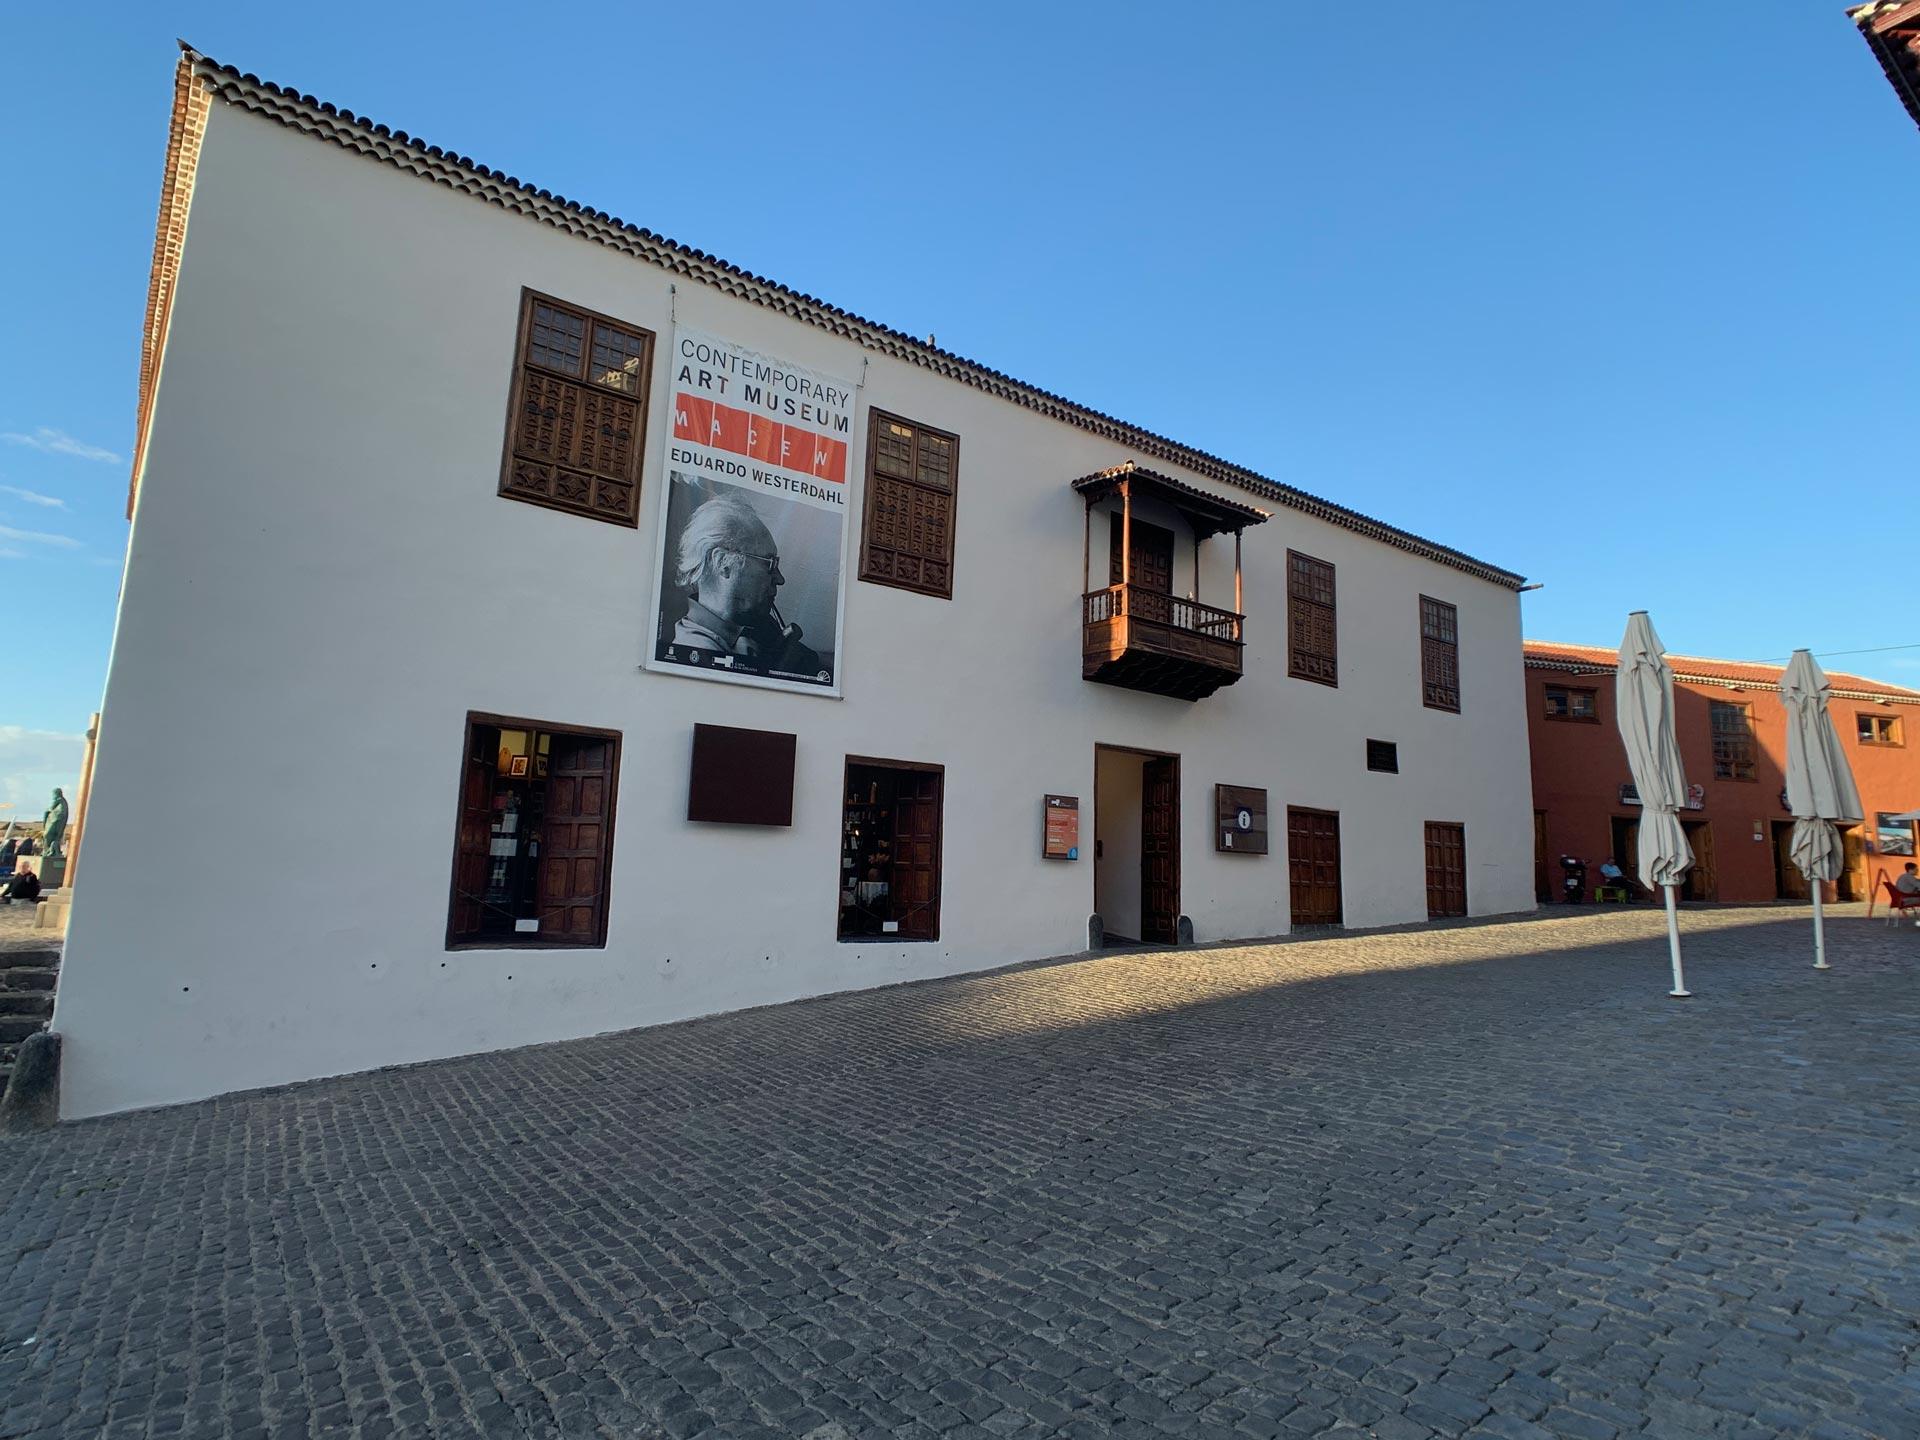 Weisse Hausfassade des Museums mit Holzfenstern und einem Ausstellungsplakat